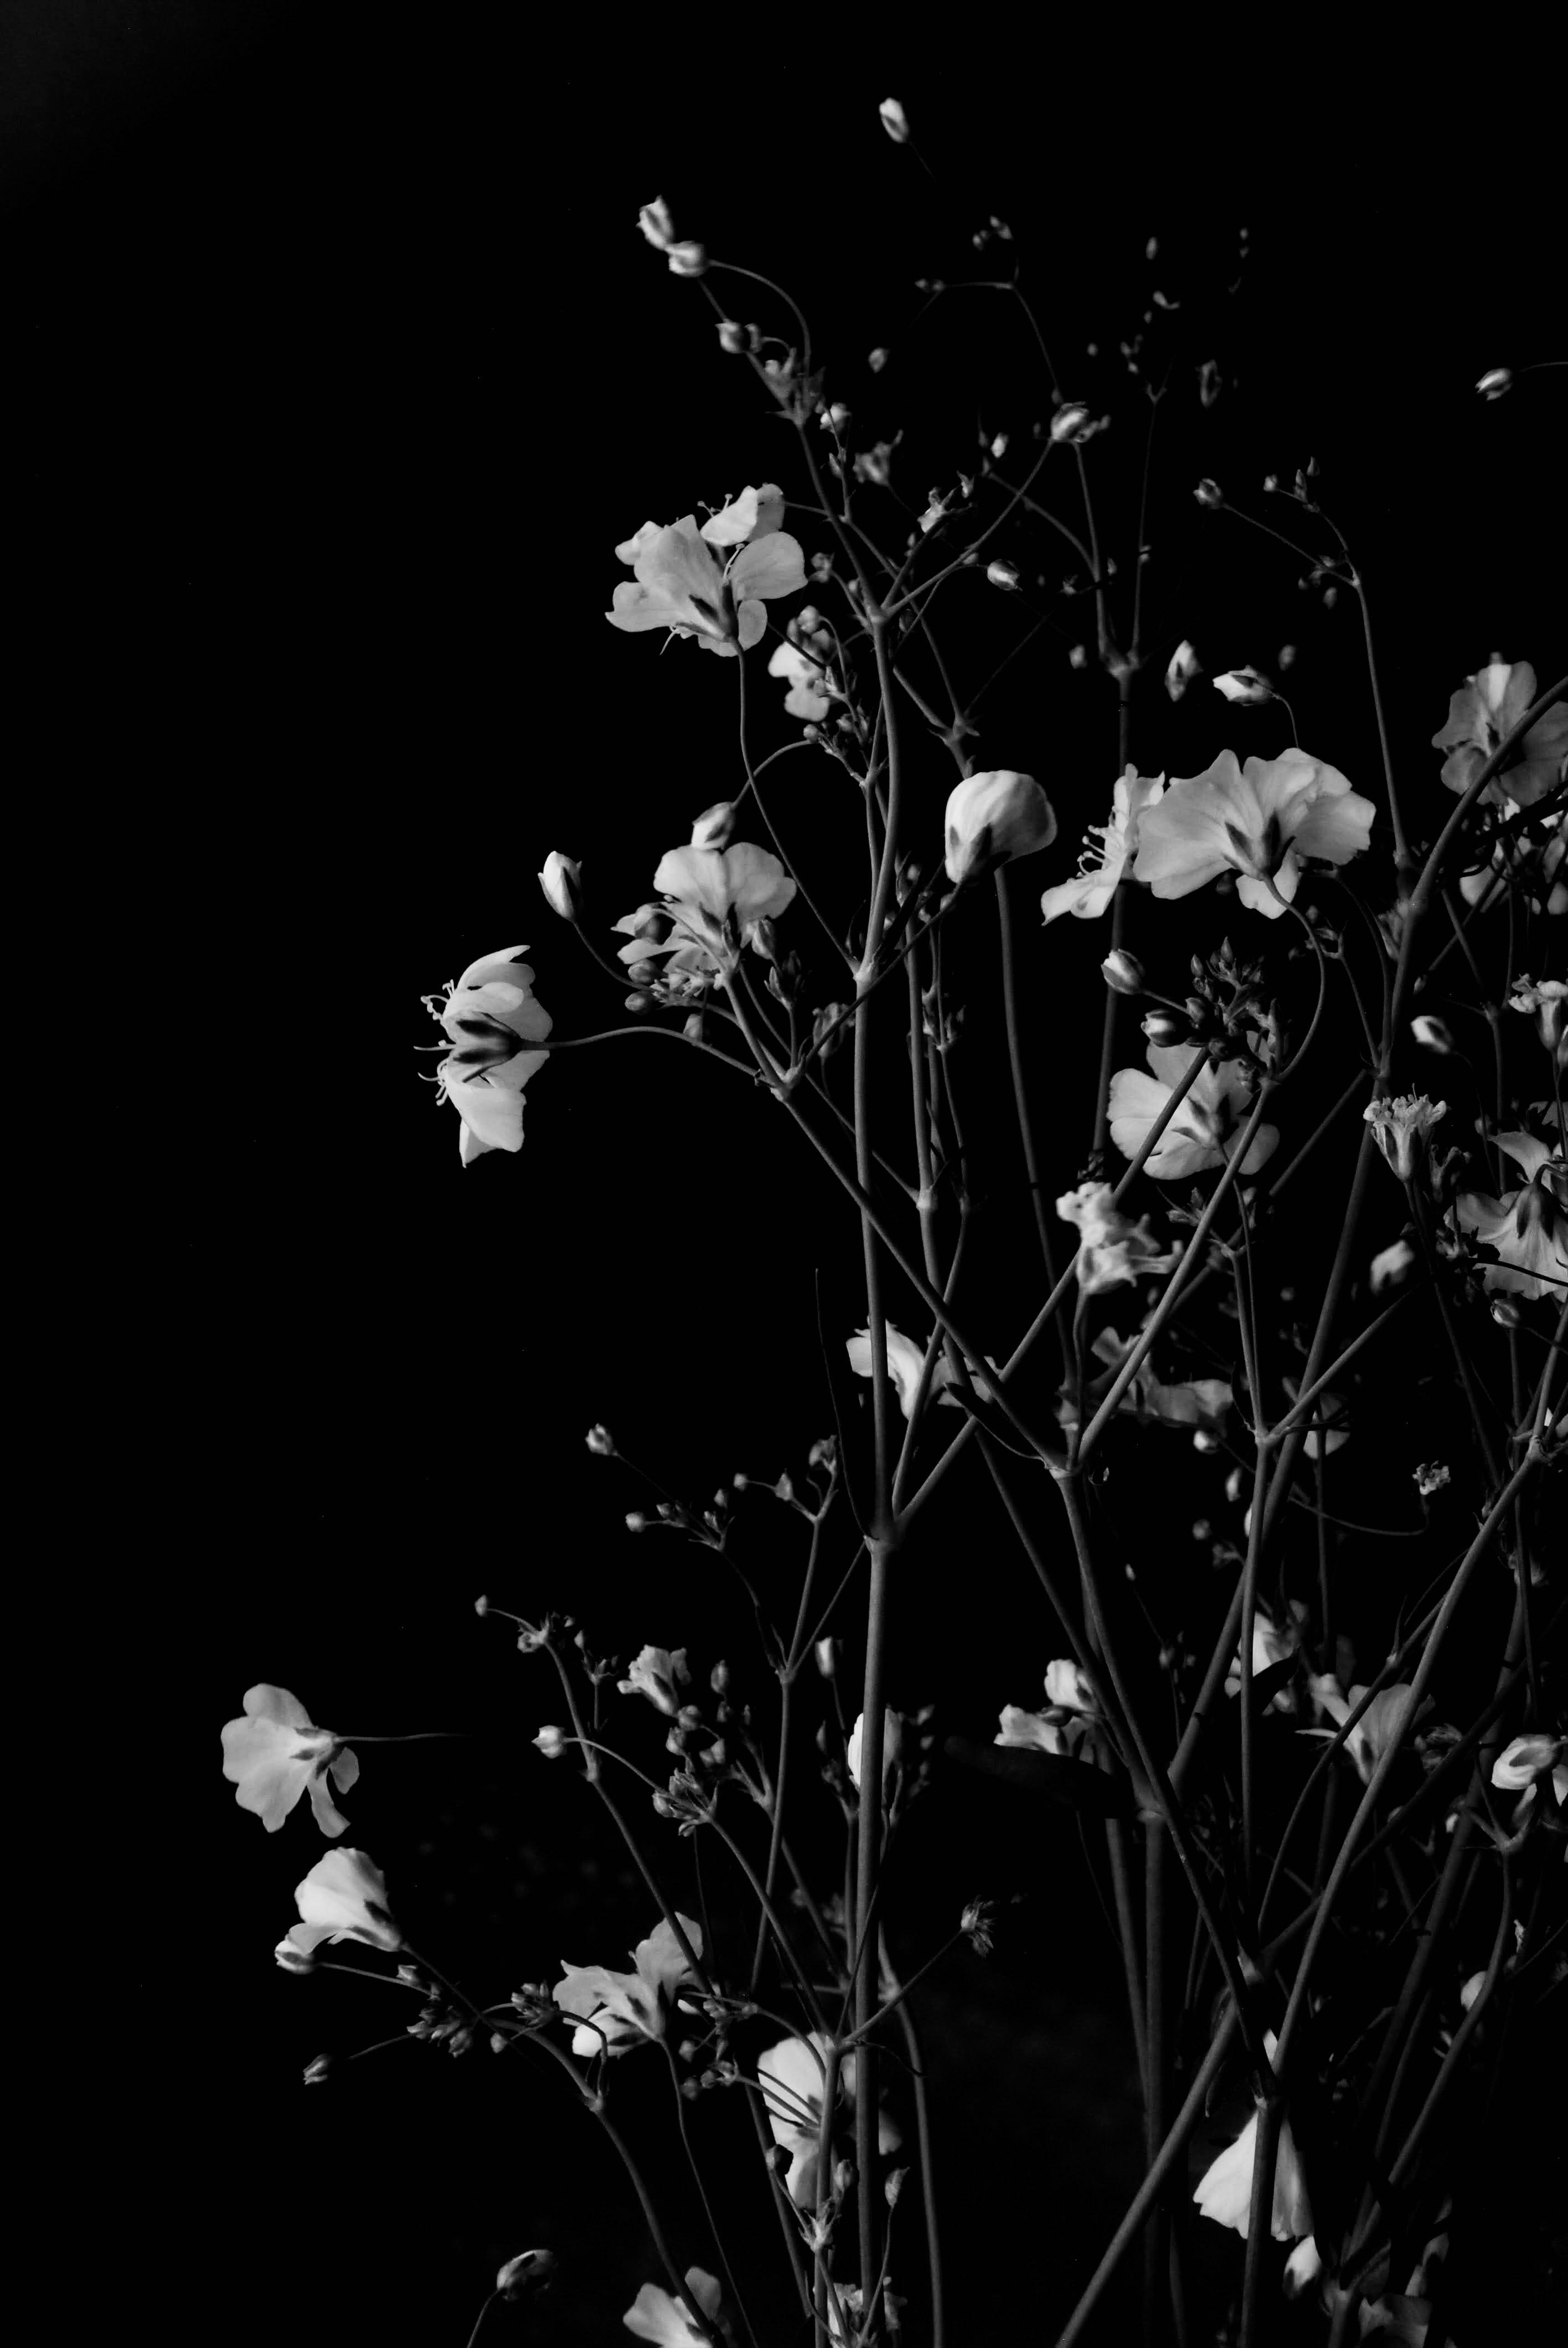 86556 baixar papel de parede Galhos, Ramos, Preto E Branco, Preto-E-Branco, O Preto, Flores - protetores de tela e imagens gratuitamente